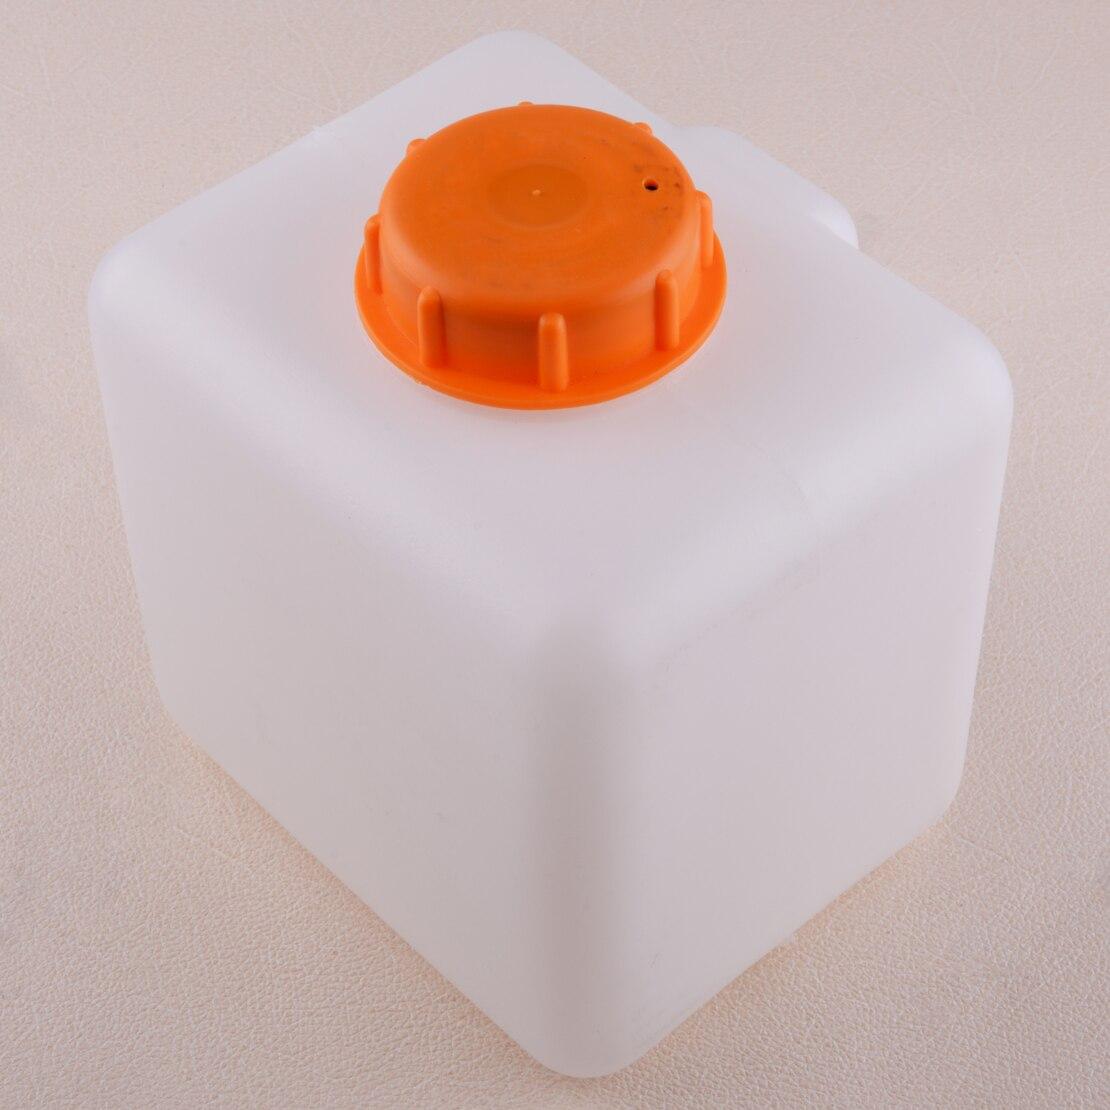 Beler Voiture Auto Capacité Blanc en plastique 2.5L Parking Chauffe-Réservoir de Carburant fit pour Webasto Eberspacher